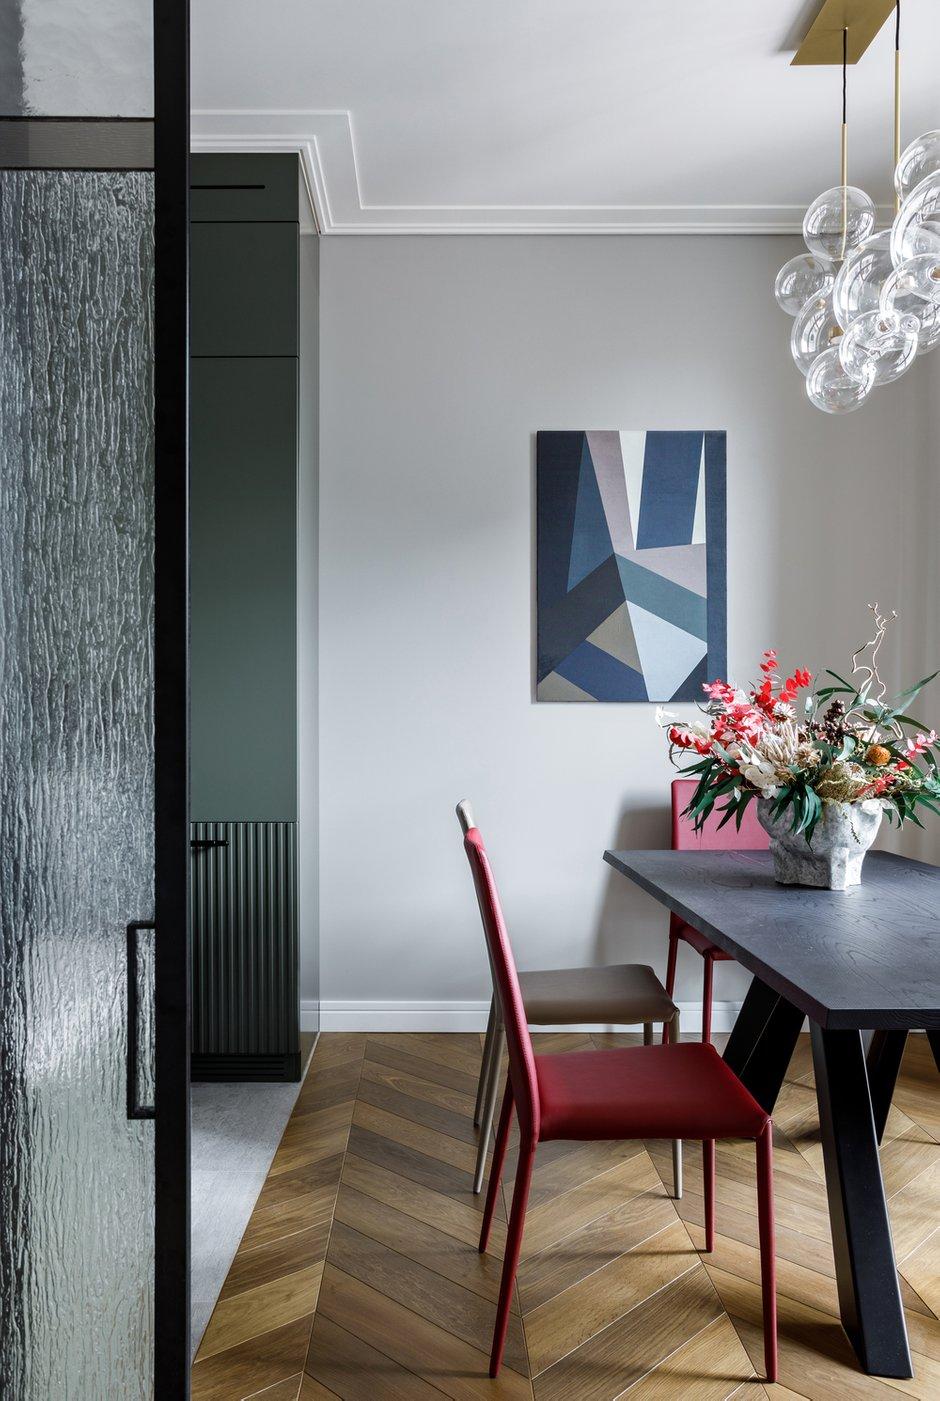 Фотография: Кухня и столовая в стиле Современный, Квартира, Проект недели, Москва, Айя Лисова, 4 и больше, Более 90 метров, Aiya Design – фото на INMYROOM